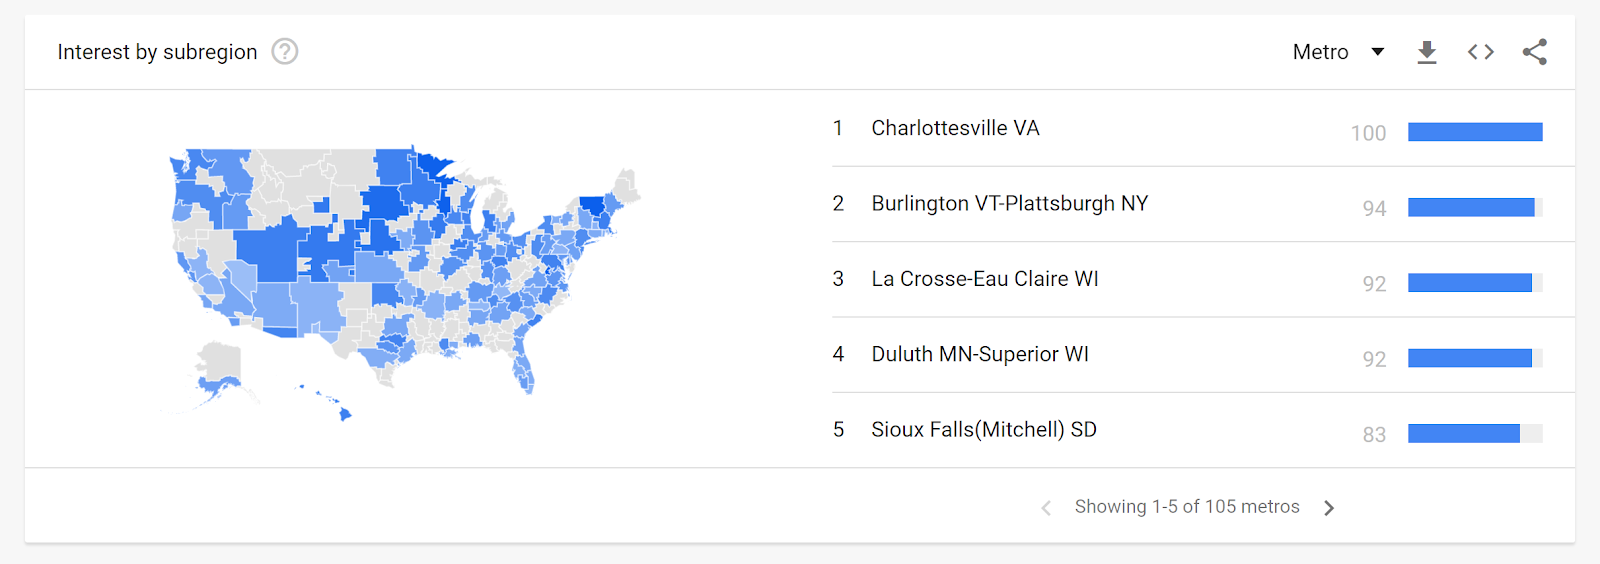 Interesse por sub-região no Google Trends